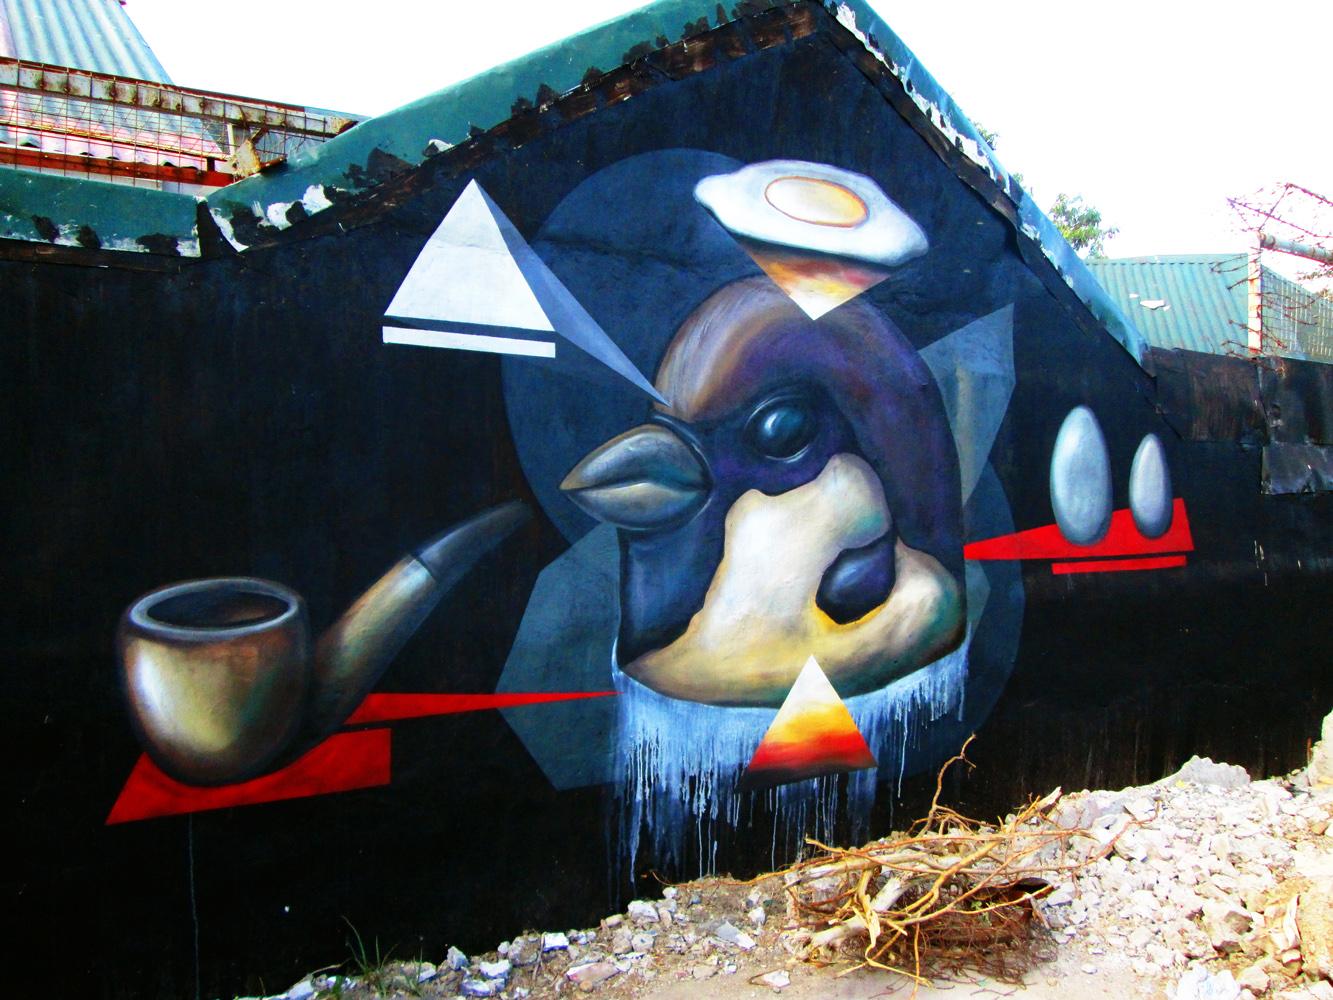 crist-espiritu-sparrow-2-0-new-mural-in-philippines-05